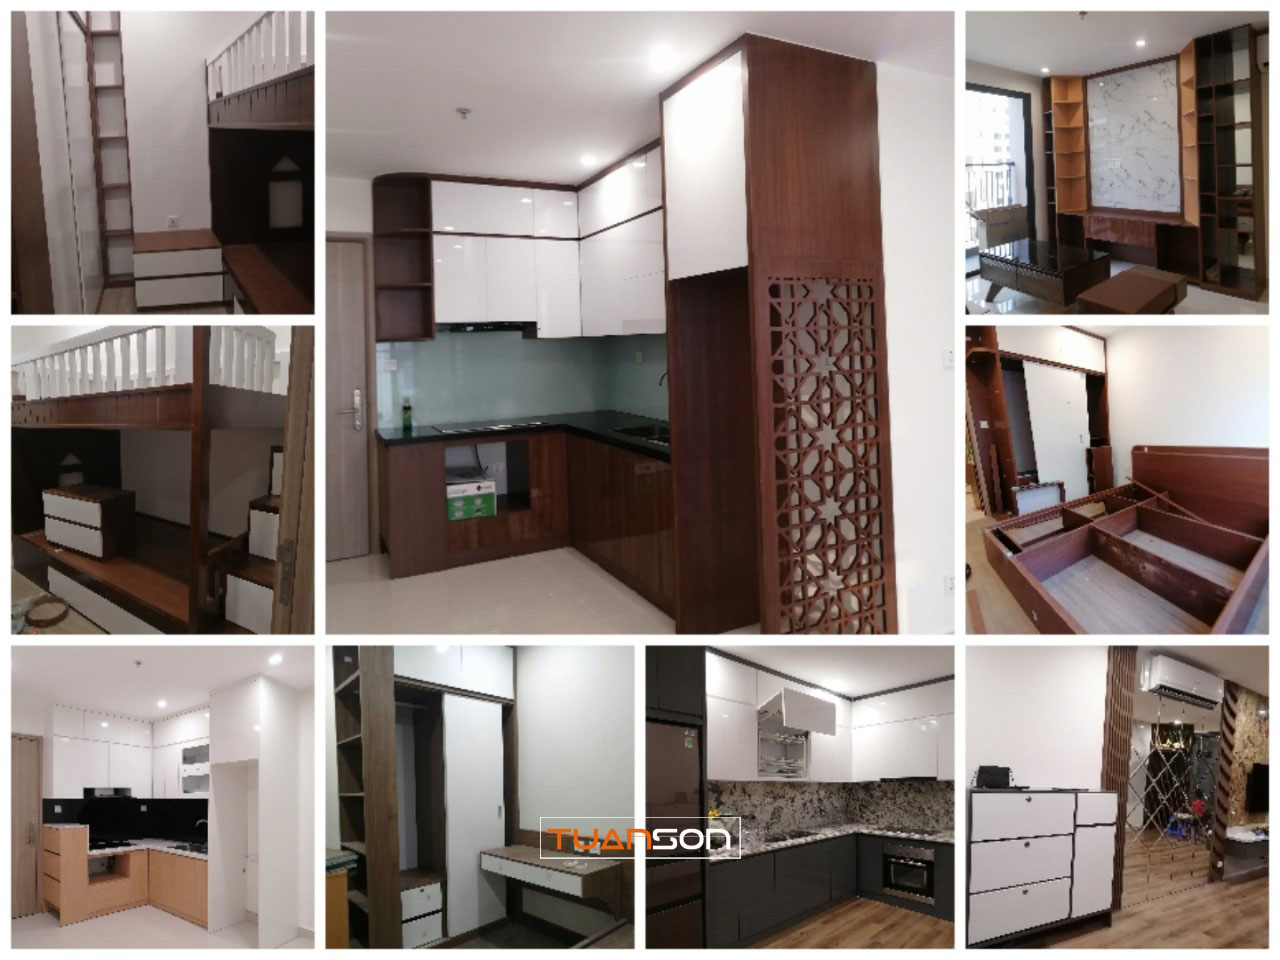 Thiết kế nội thất Vinhomes Smart City Tây Mỗ